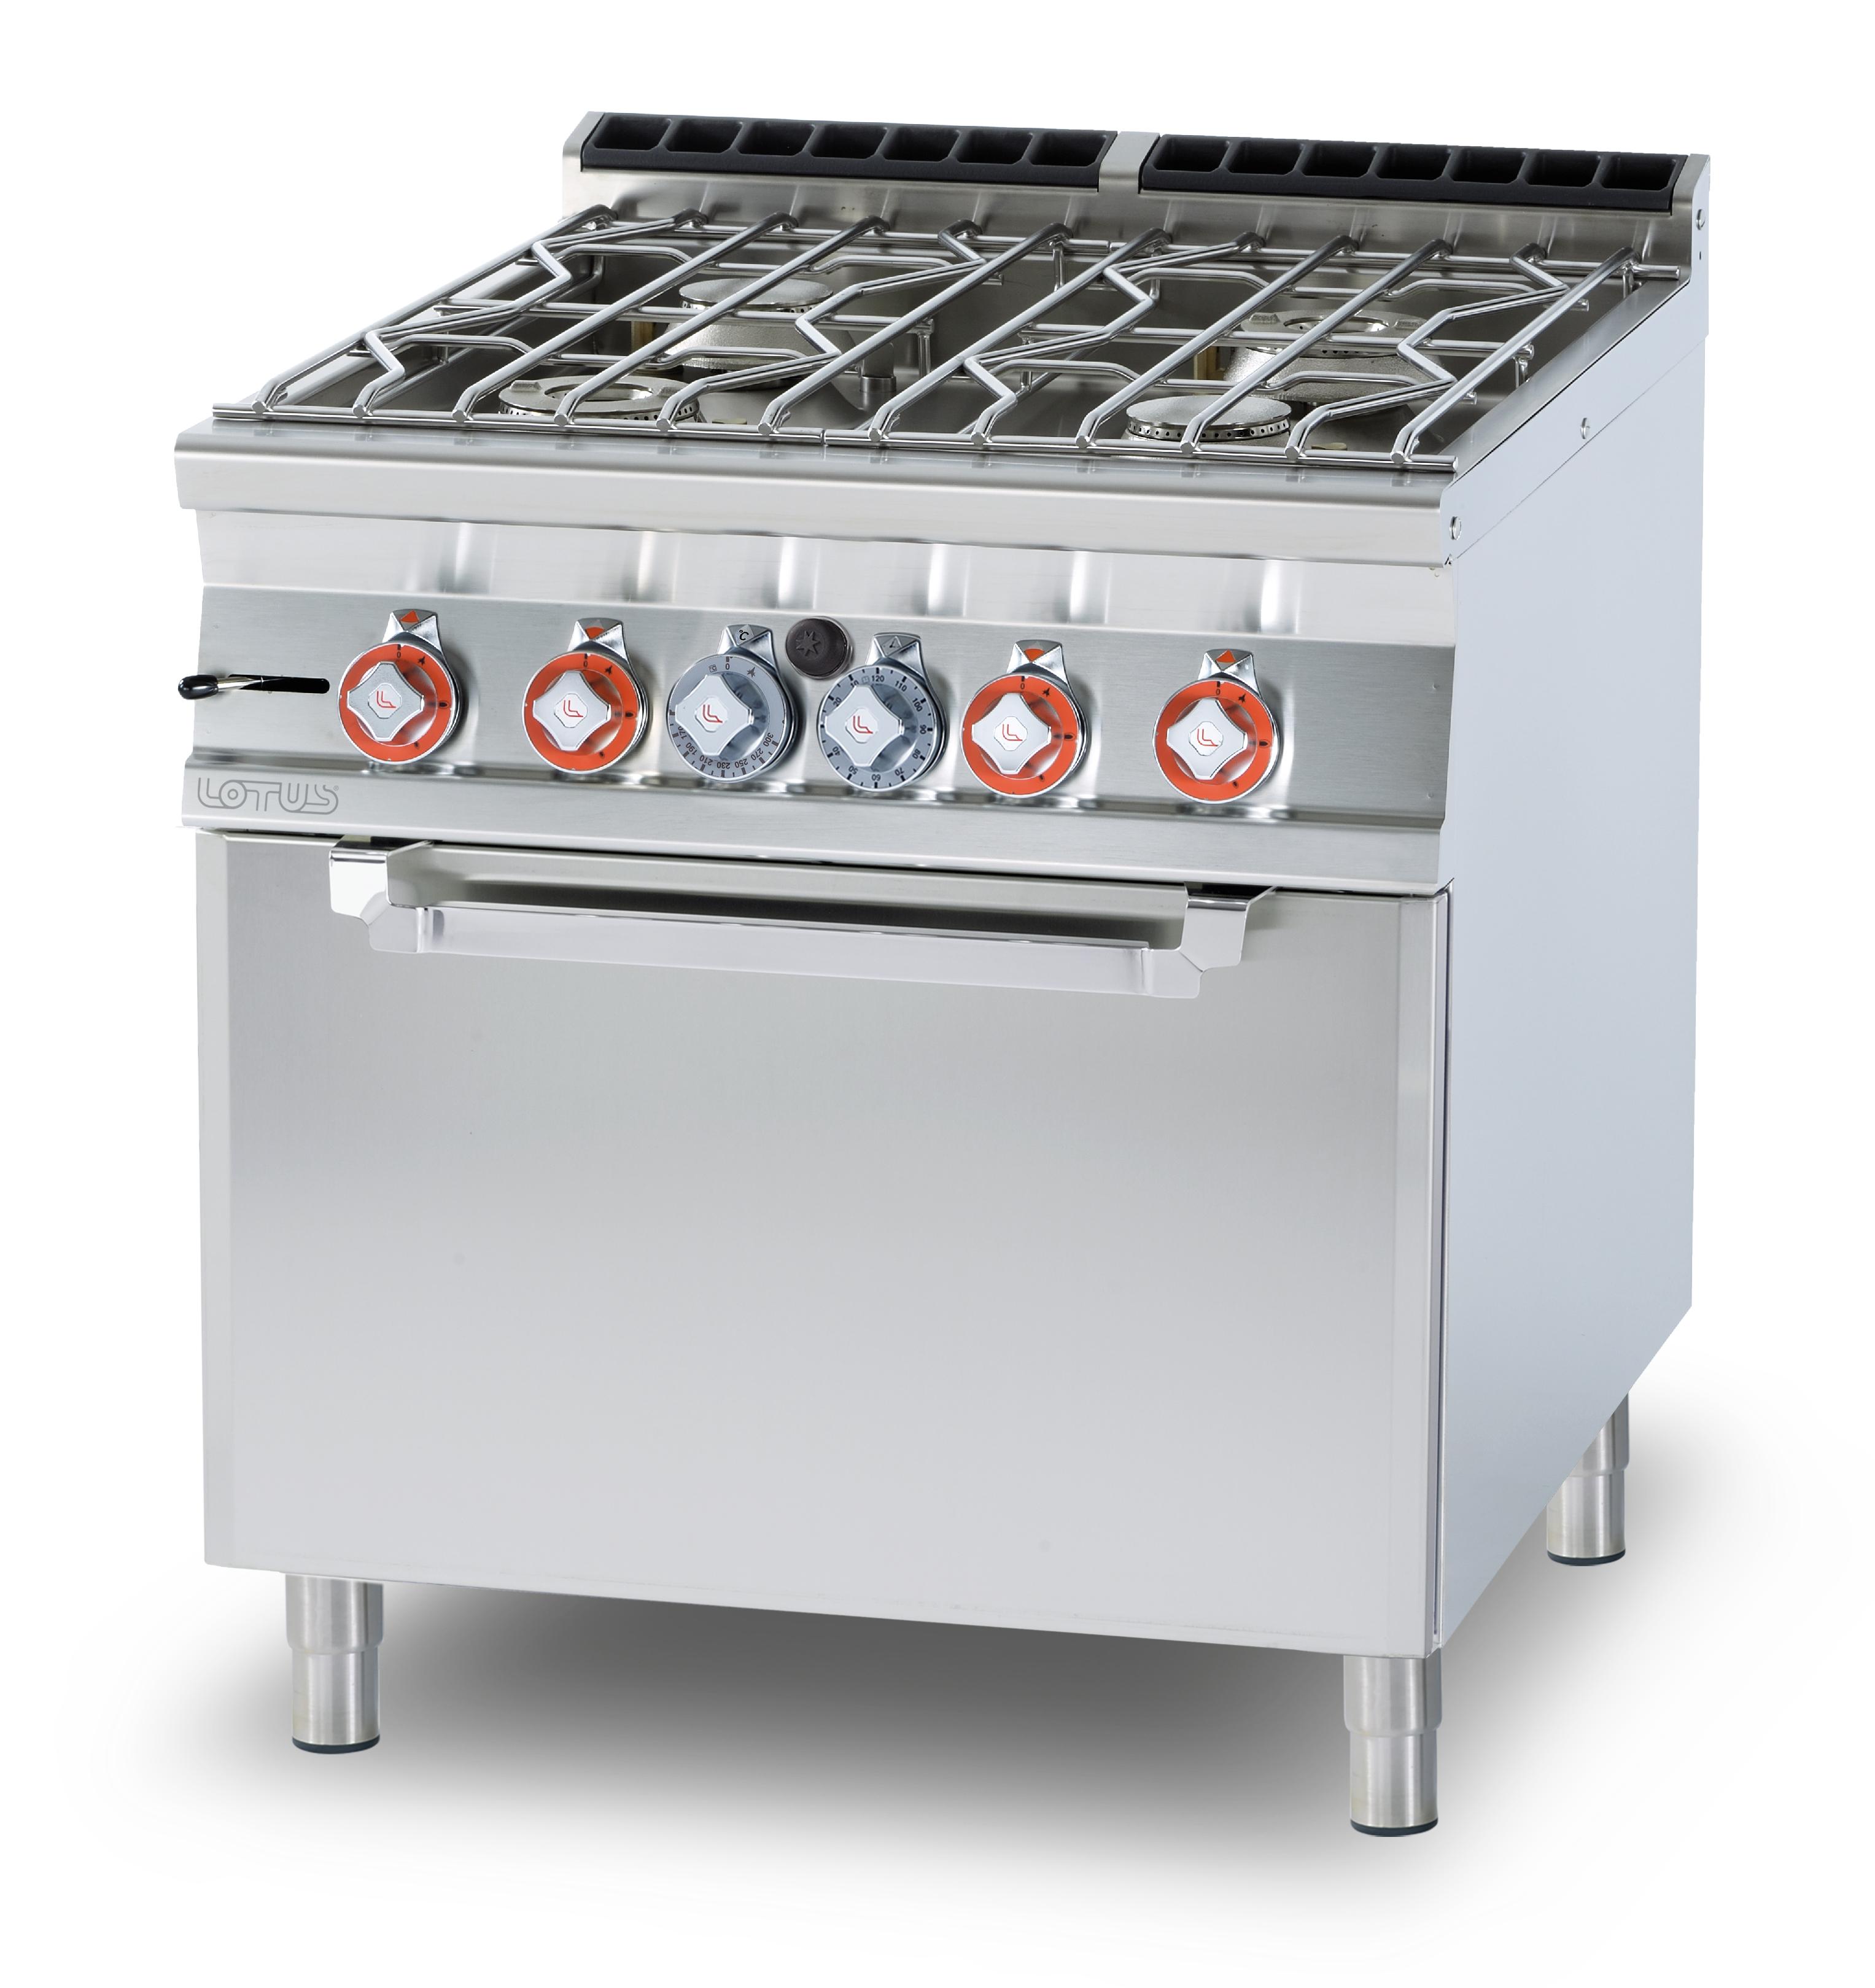 Lotus 90 iperlotus cucina acqua a gas - Manutenzione cucina a gas ...